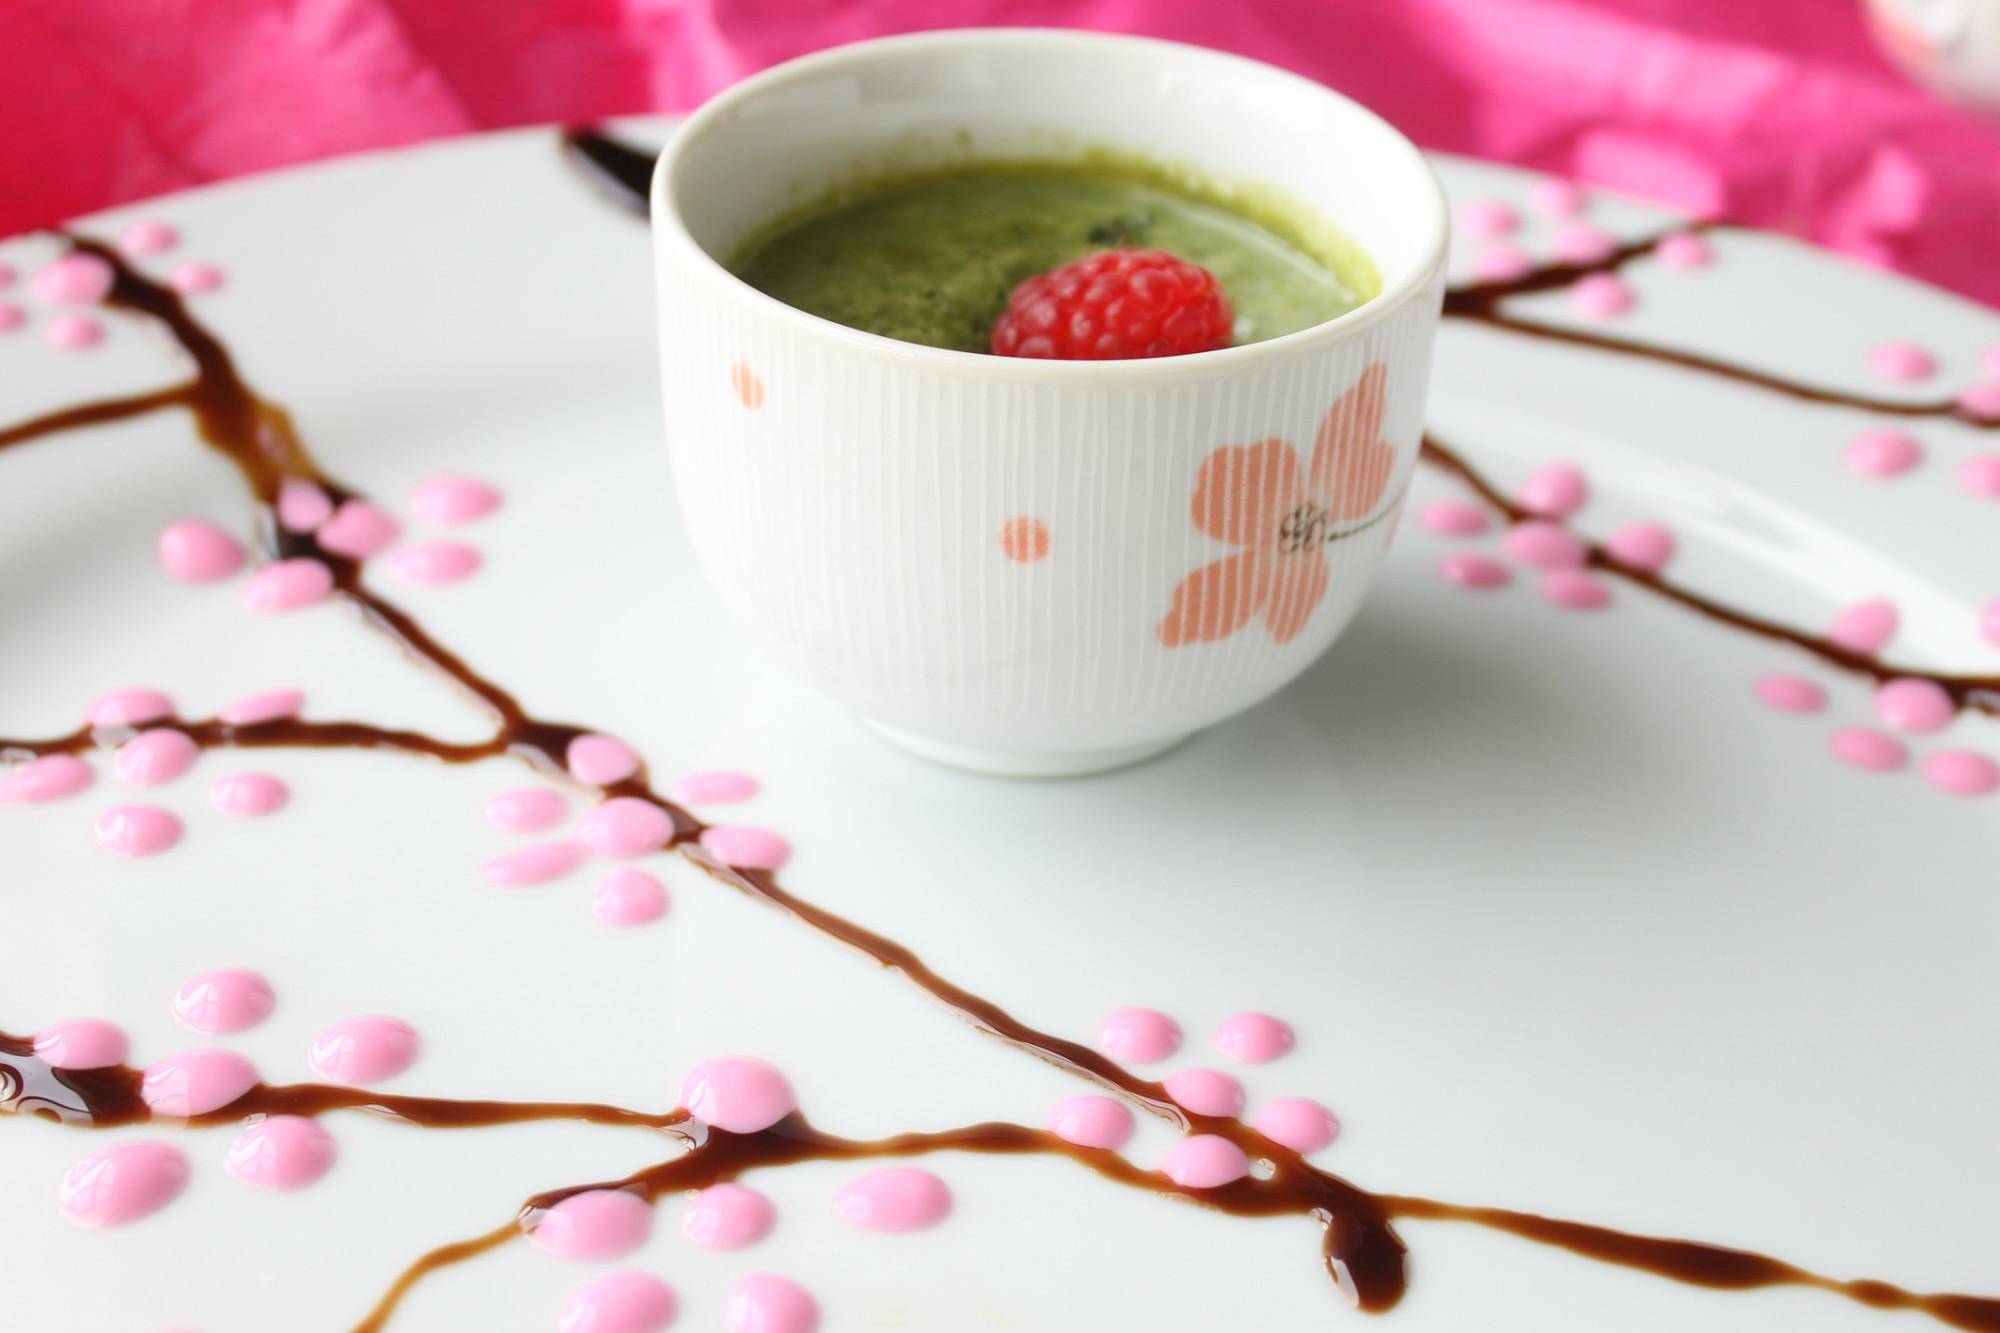 バラ水クリーム緑茶